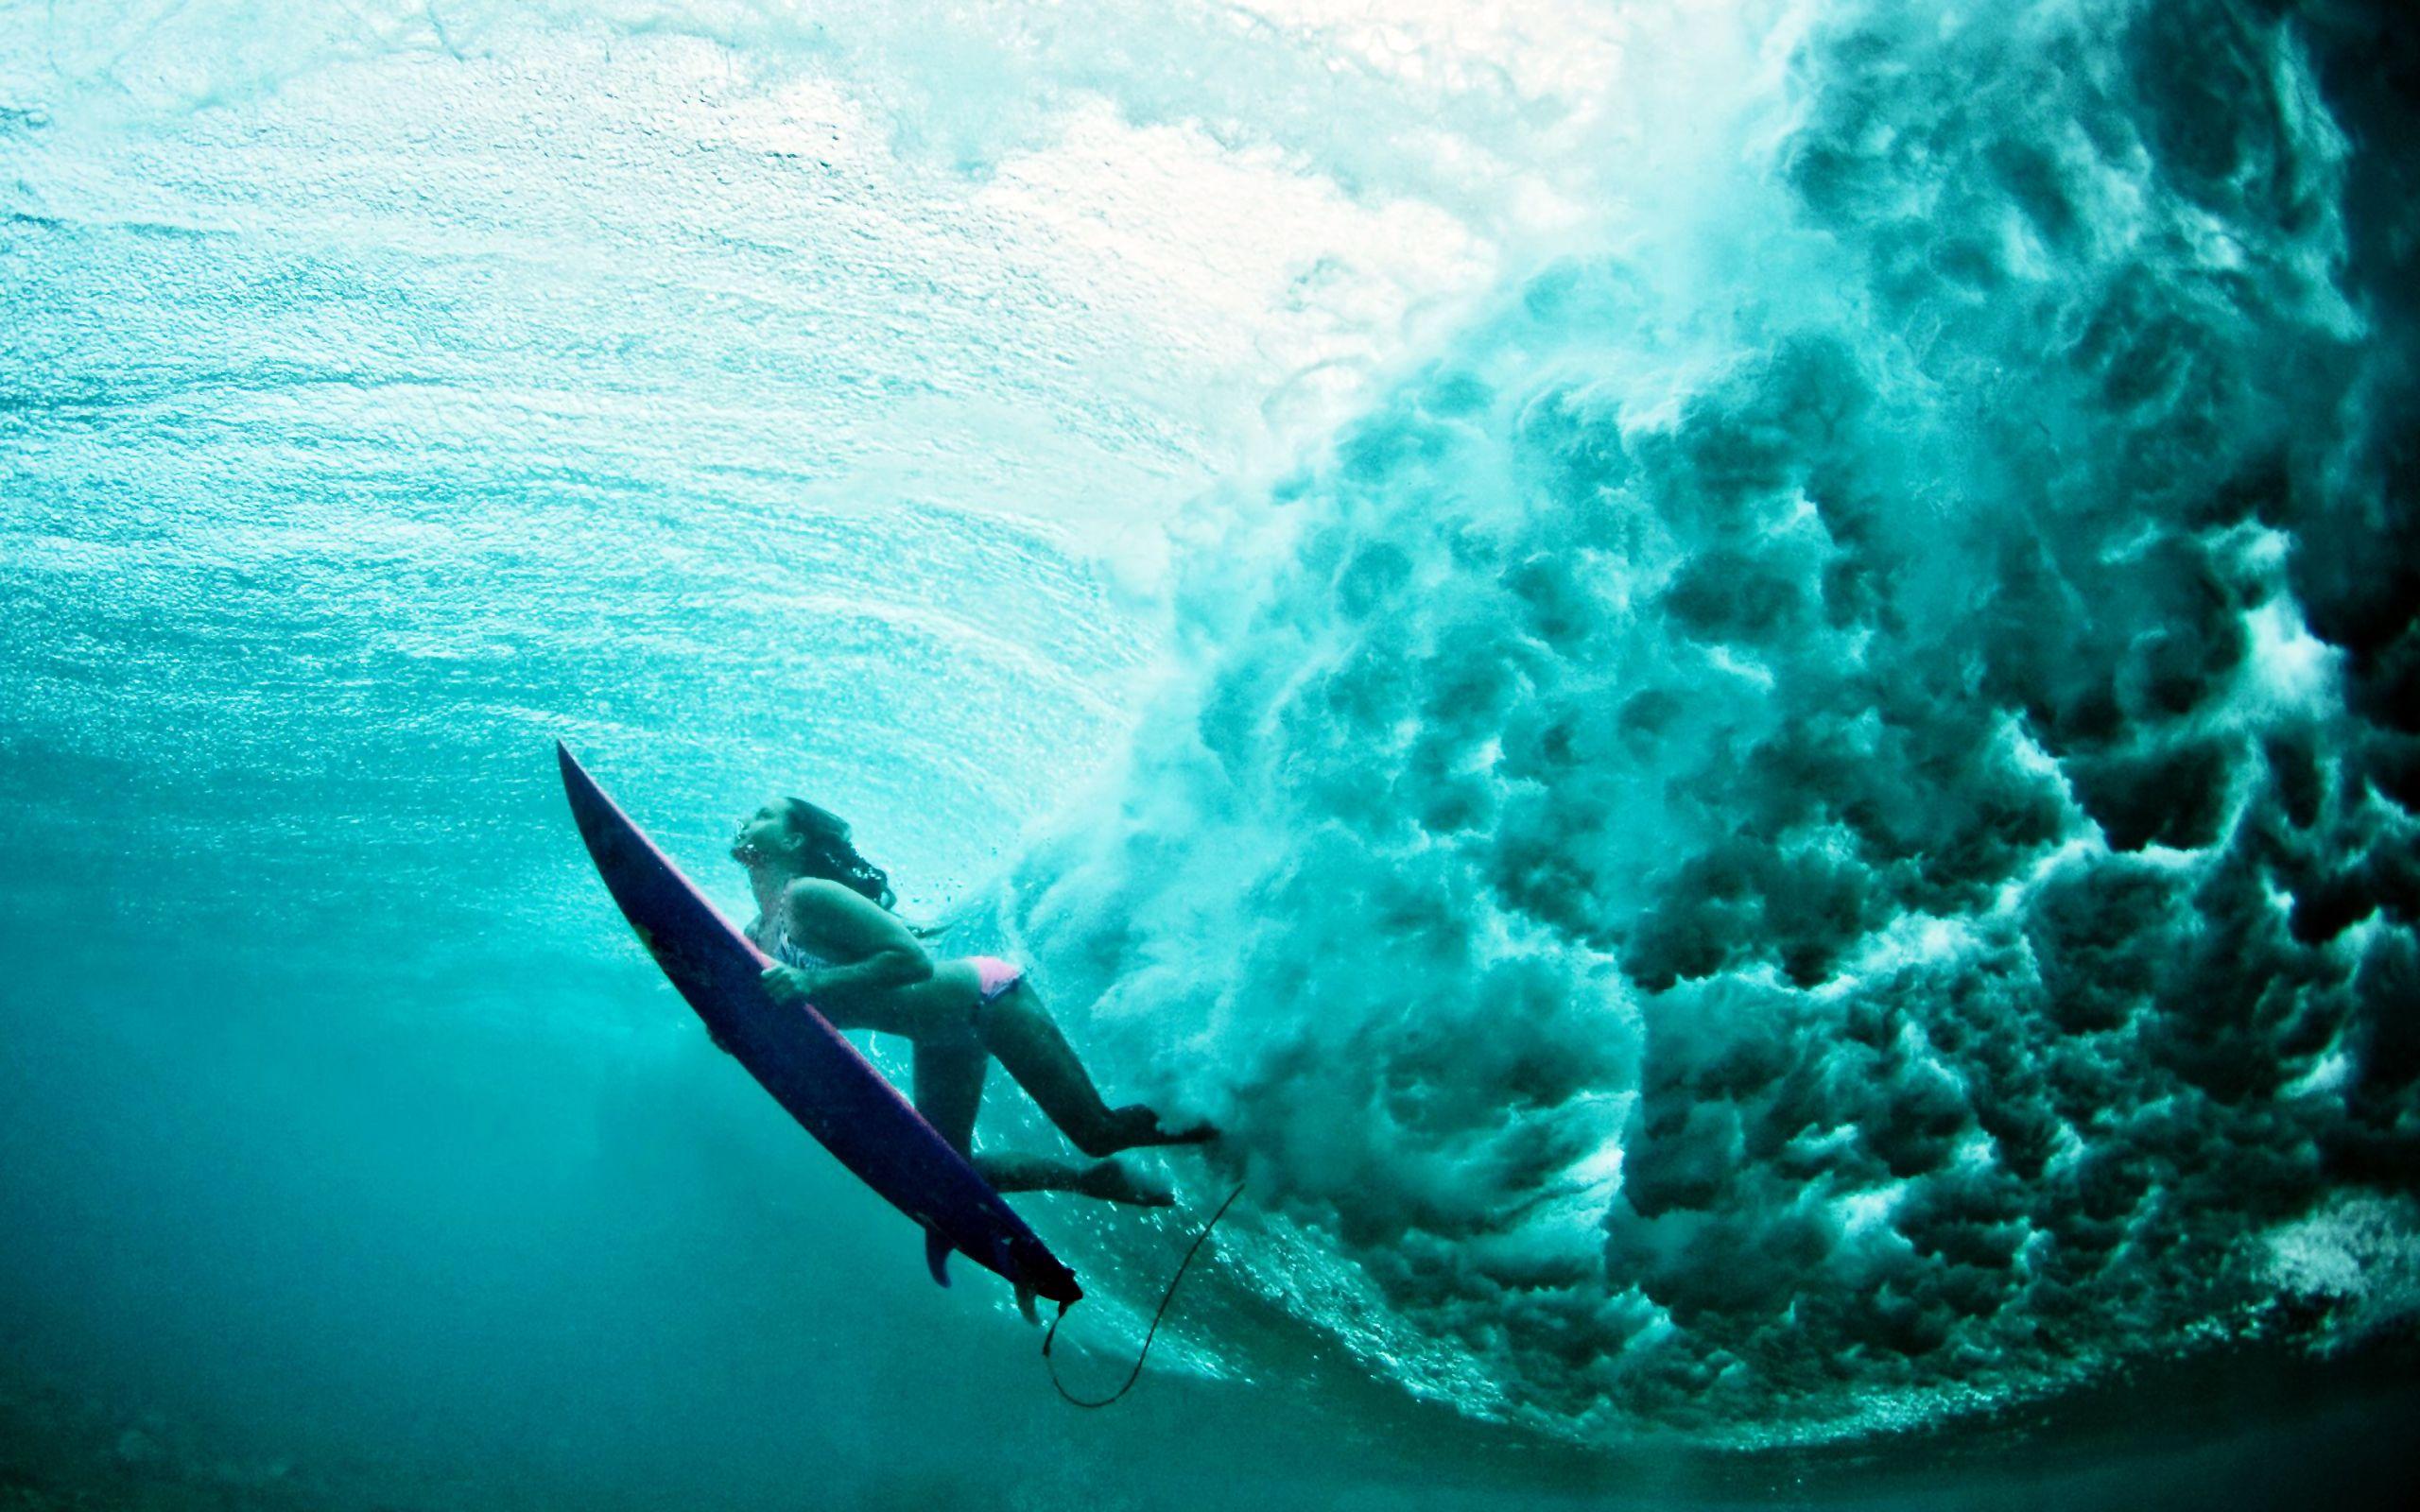 Surfing Wallpaper 2560x1600 44150 Surfing Wallpaper Surfing Waves Big Wave Surfing Hd wallpaper surfer wave ocean sky